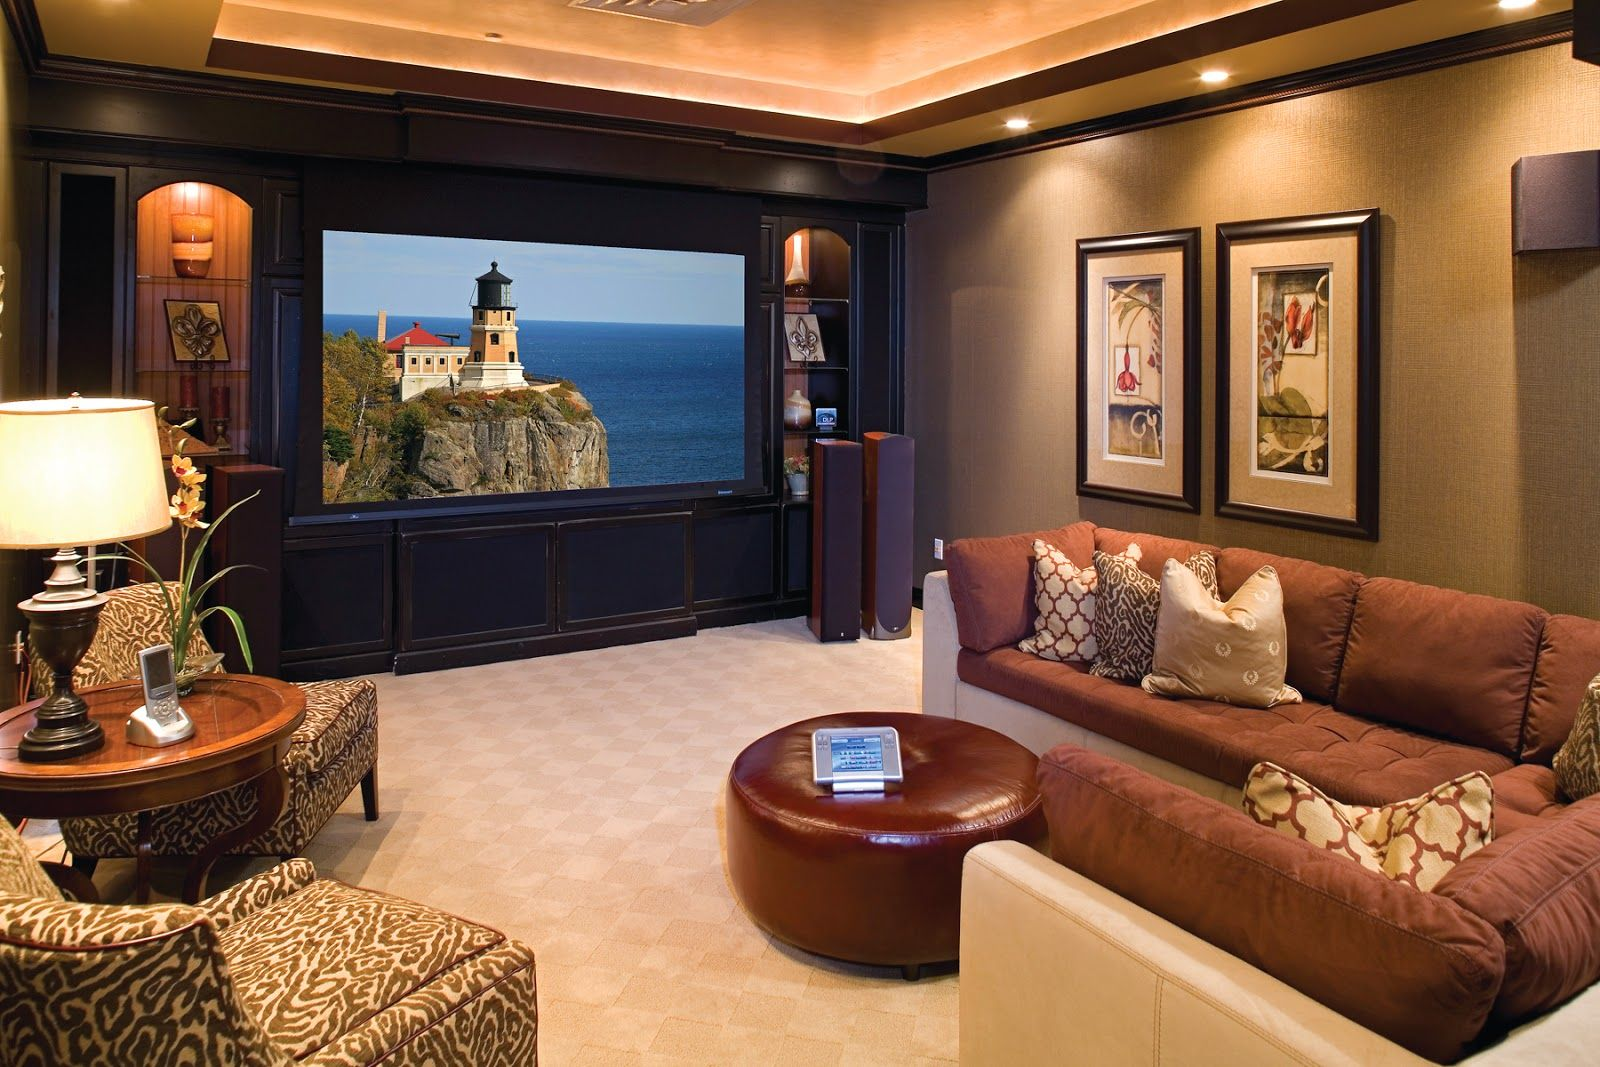 cozy basement living room entertainment center basement remodeling kitchen remodeling remodeling ideas  [ 1600 x 1067 Pixel ]